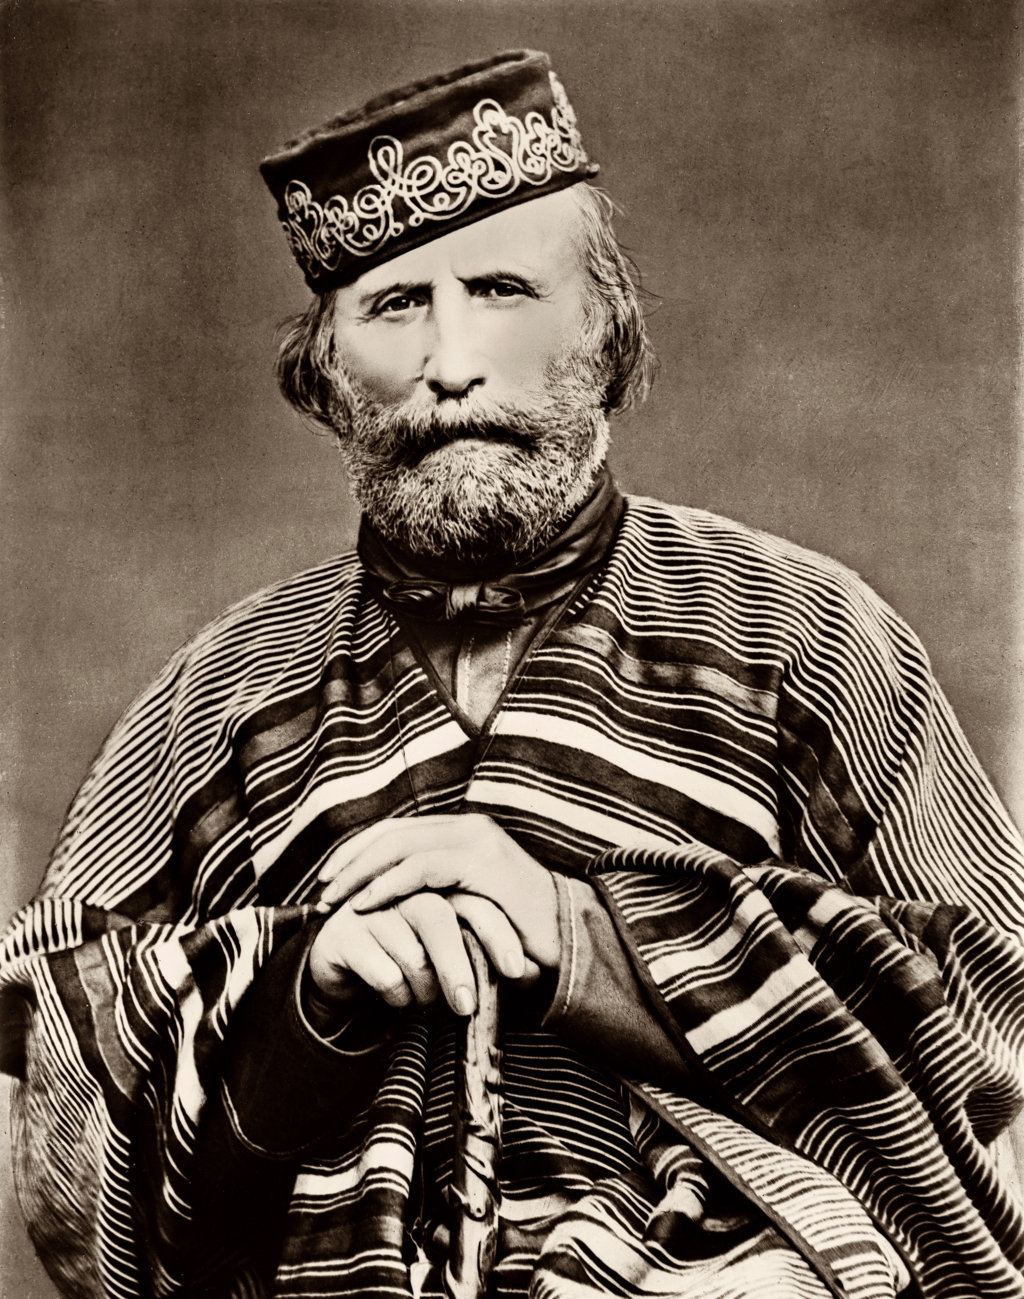 5 Alinari_Giuseppe Garibaldi_1867 ca_Archivi Alinari_Firenze FILEminimizerJPG